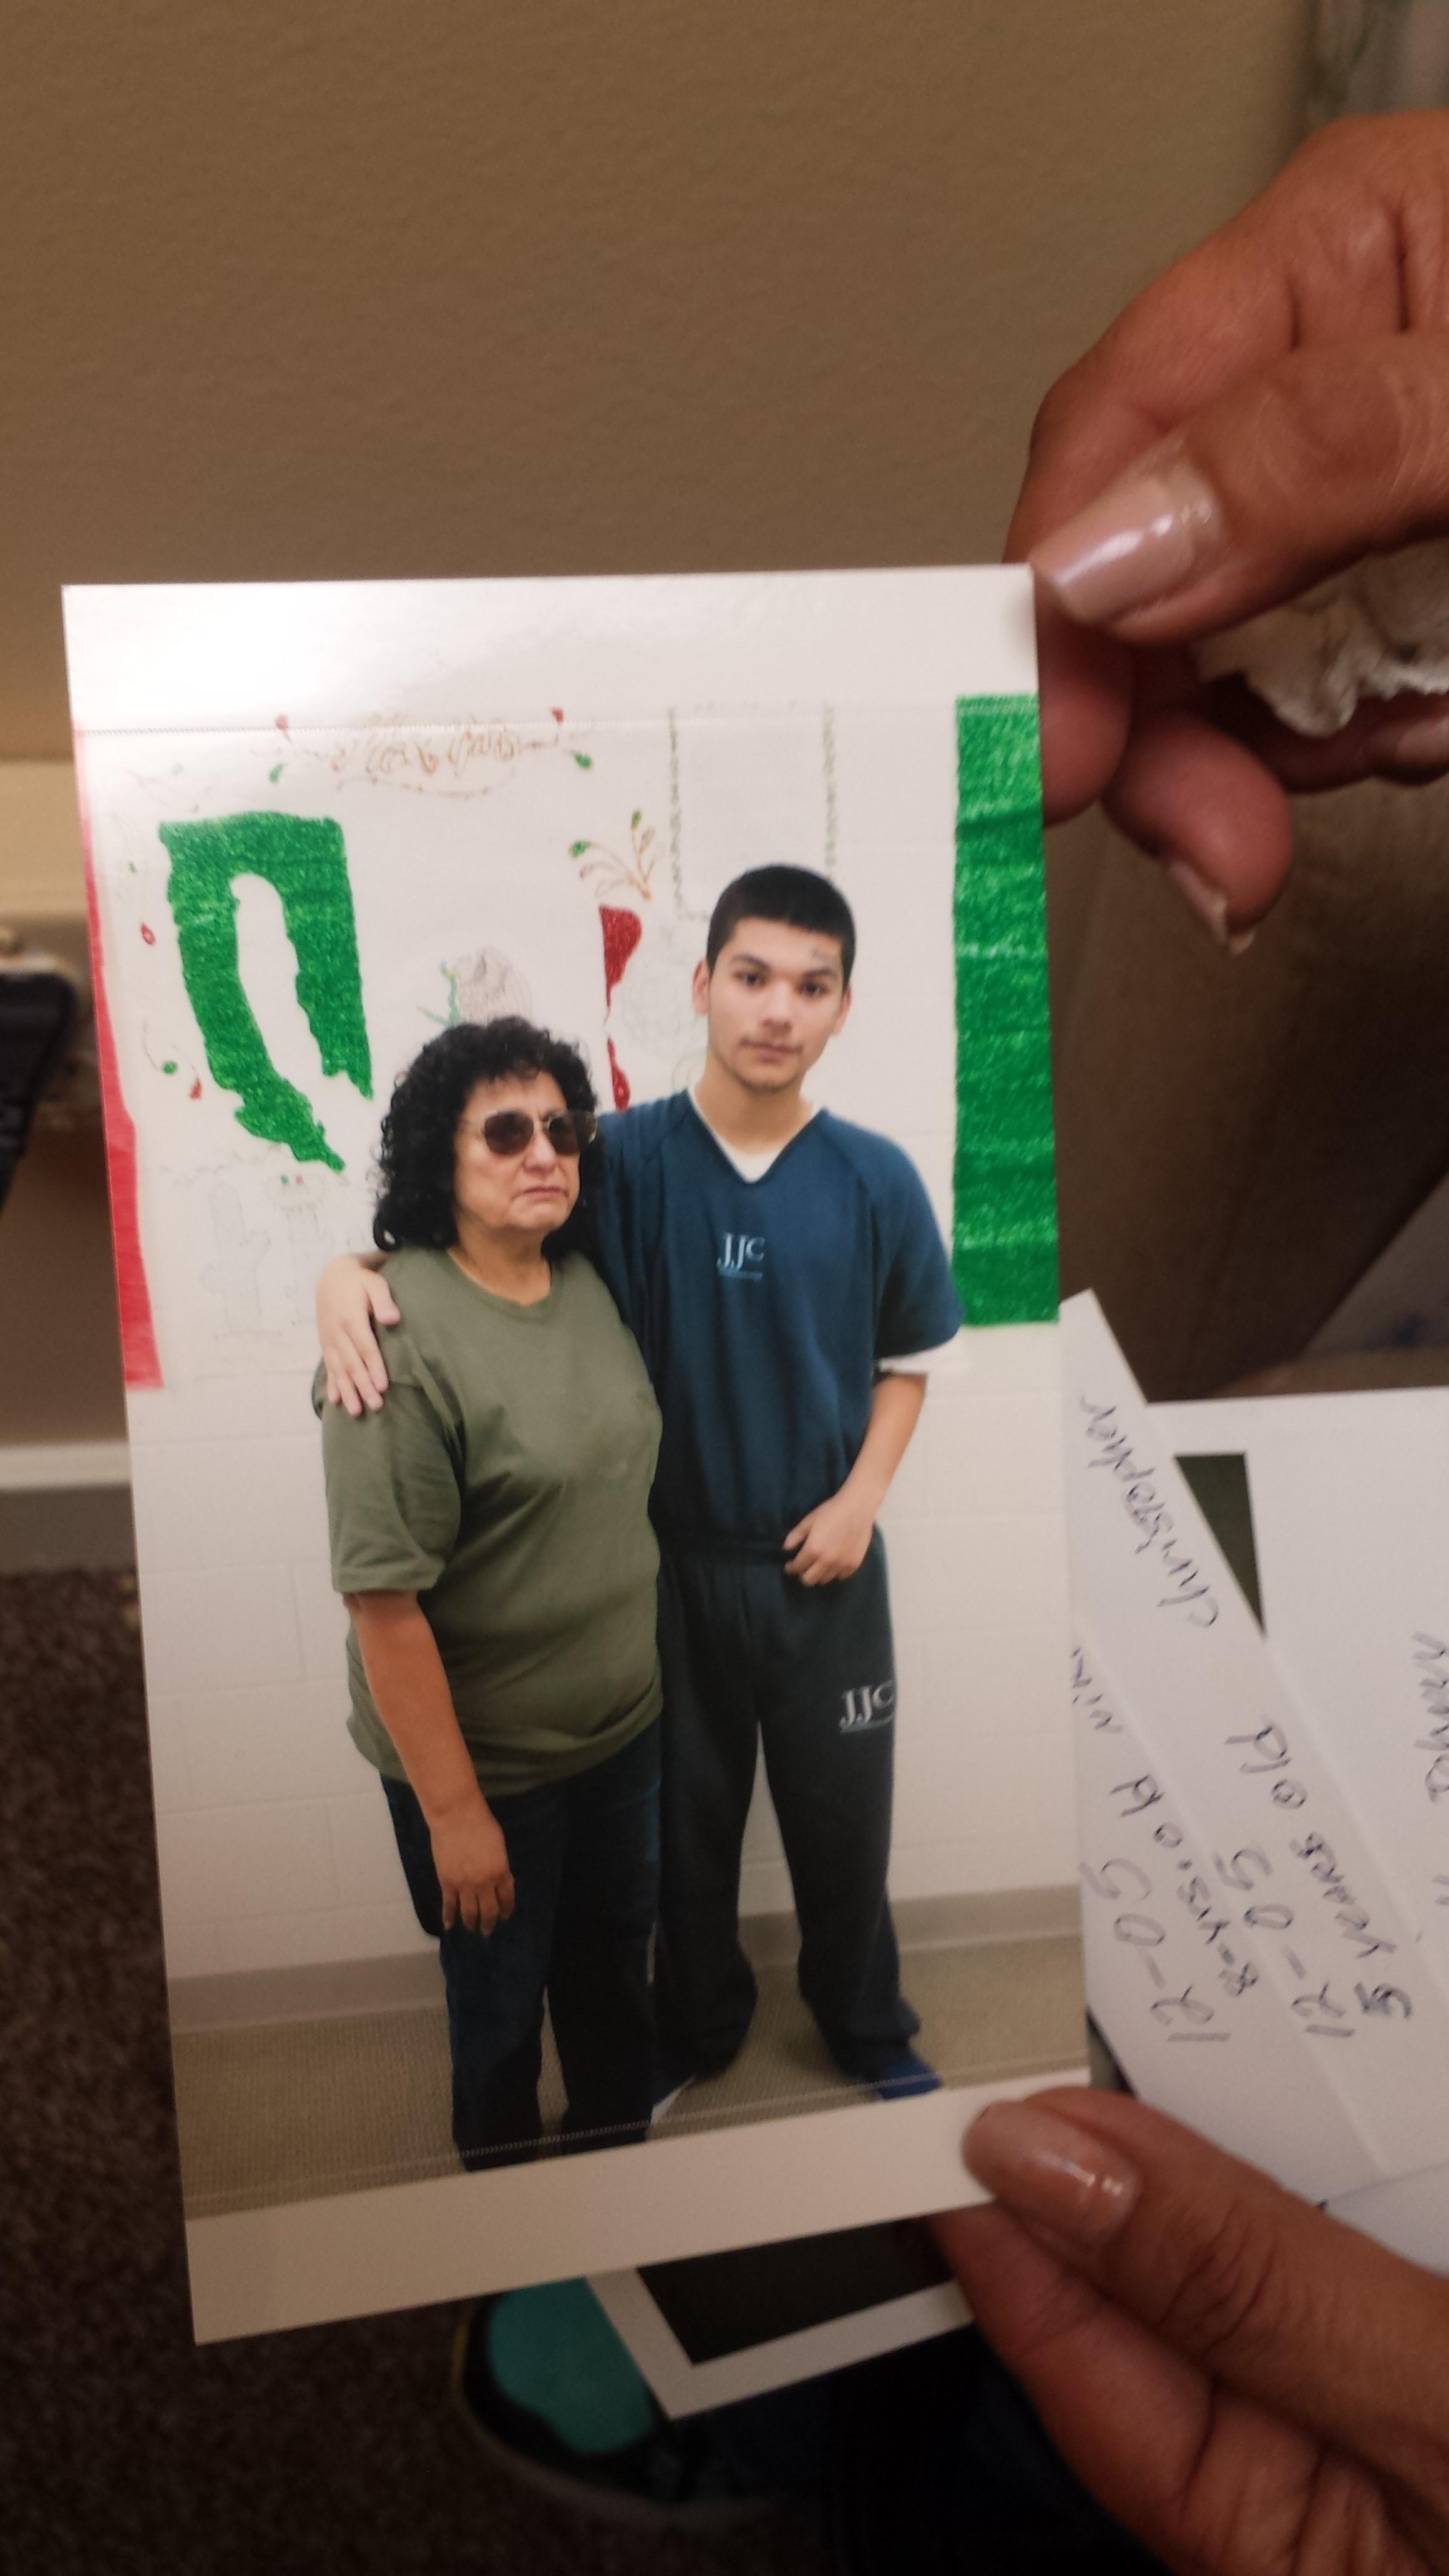 María Concepción Varo con Nicolás, su nieto, antes de que cayera preso, acaba de cumplir 19 años.